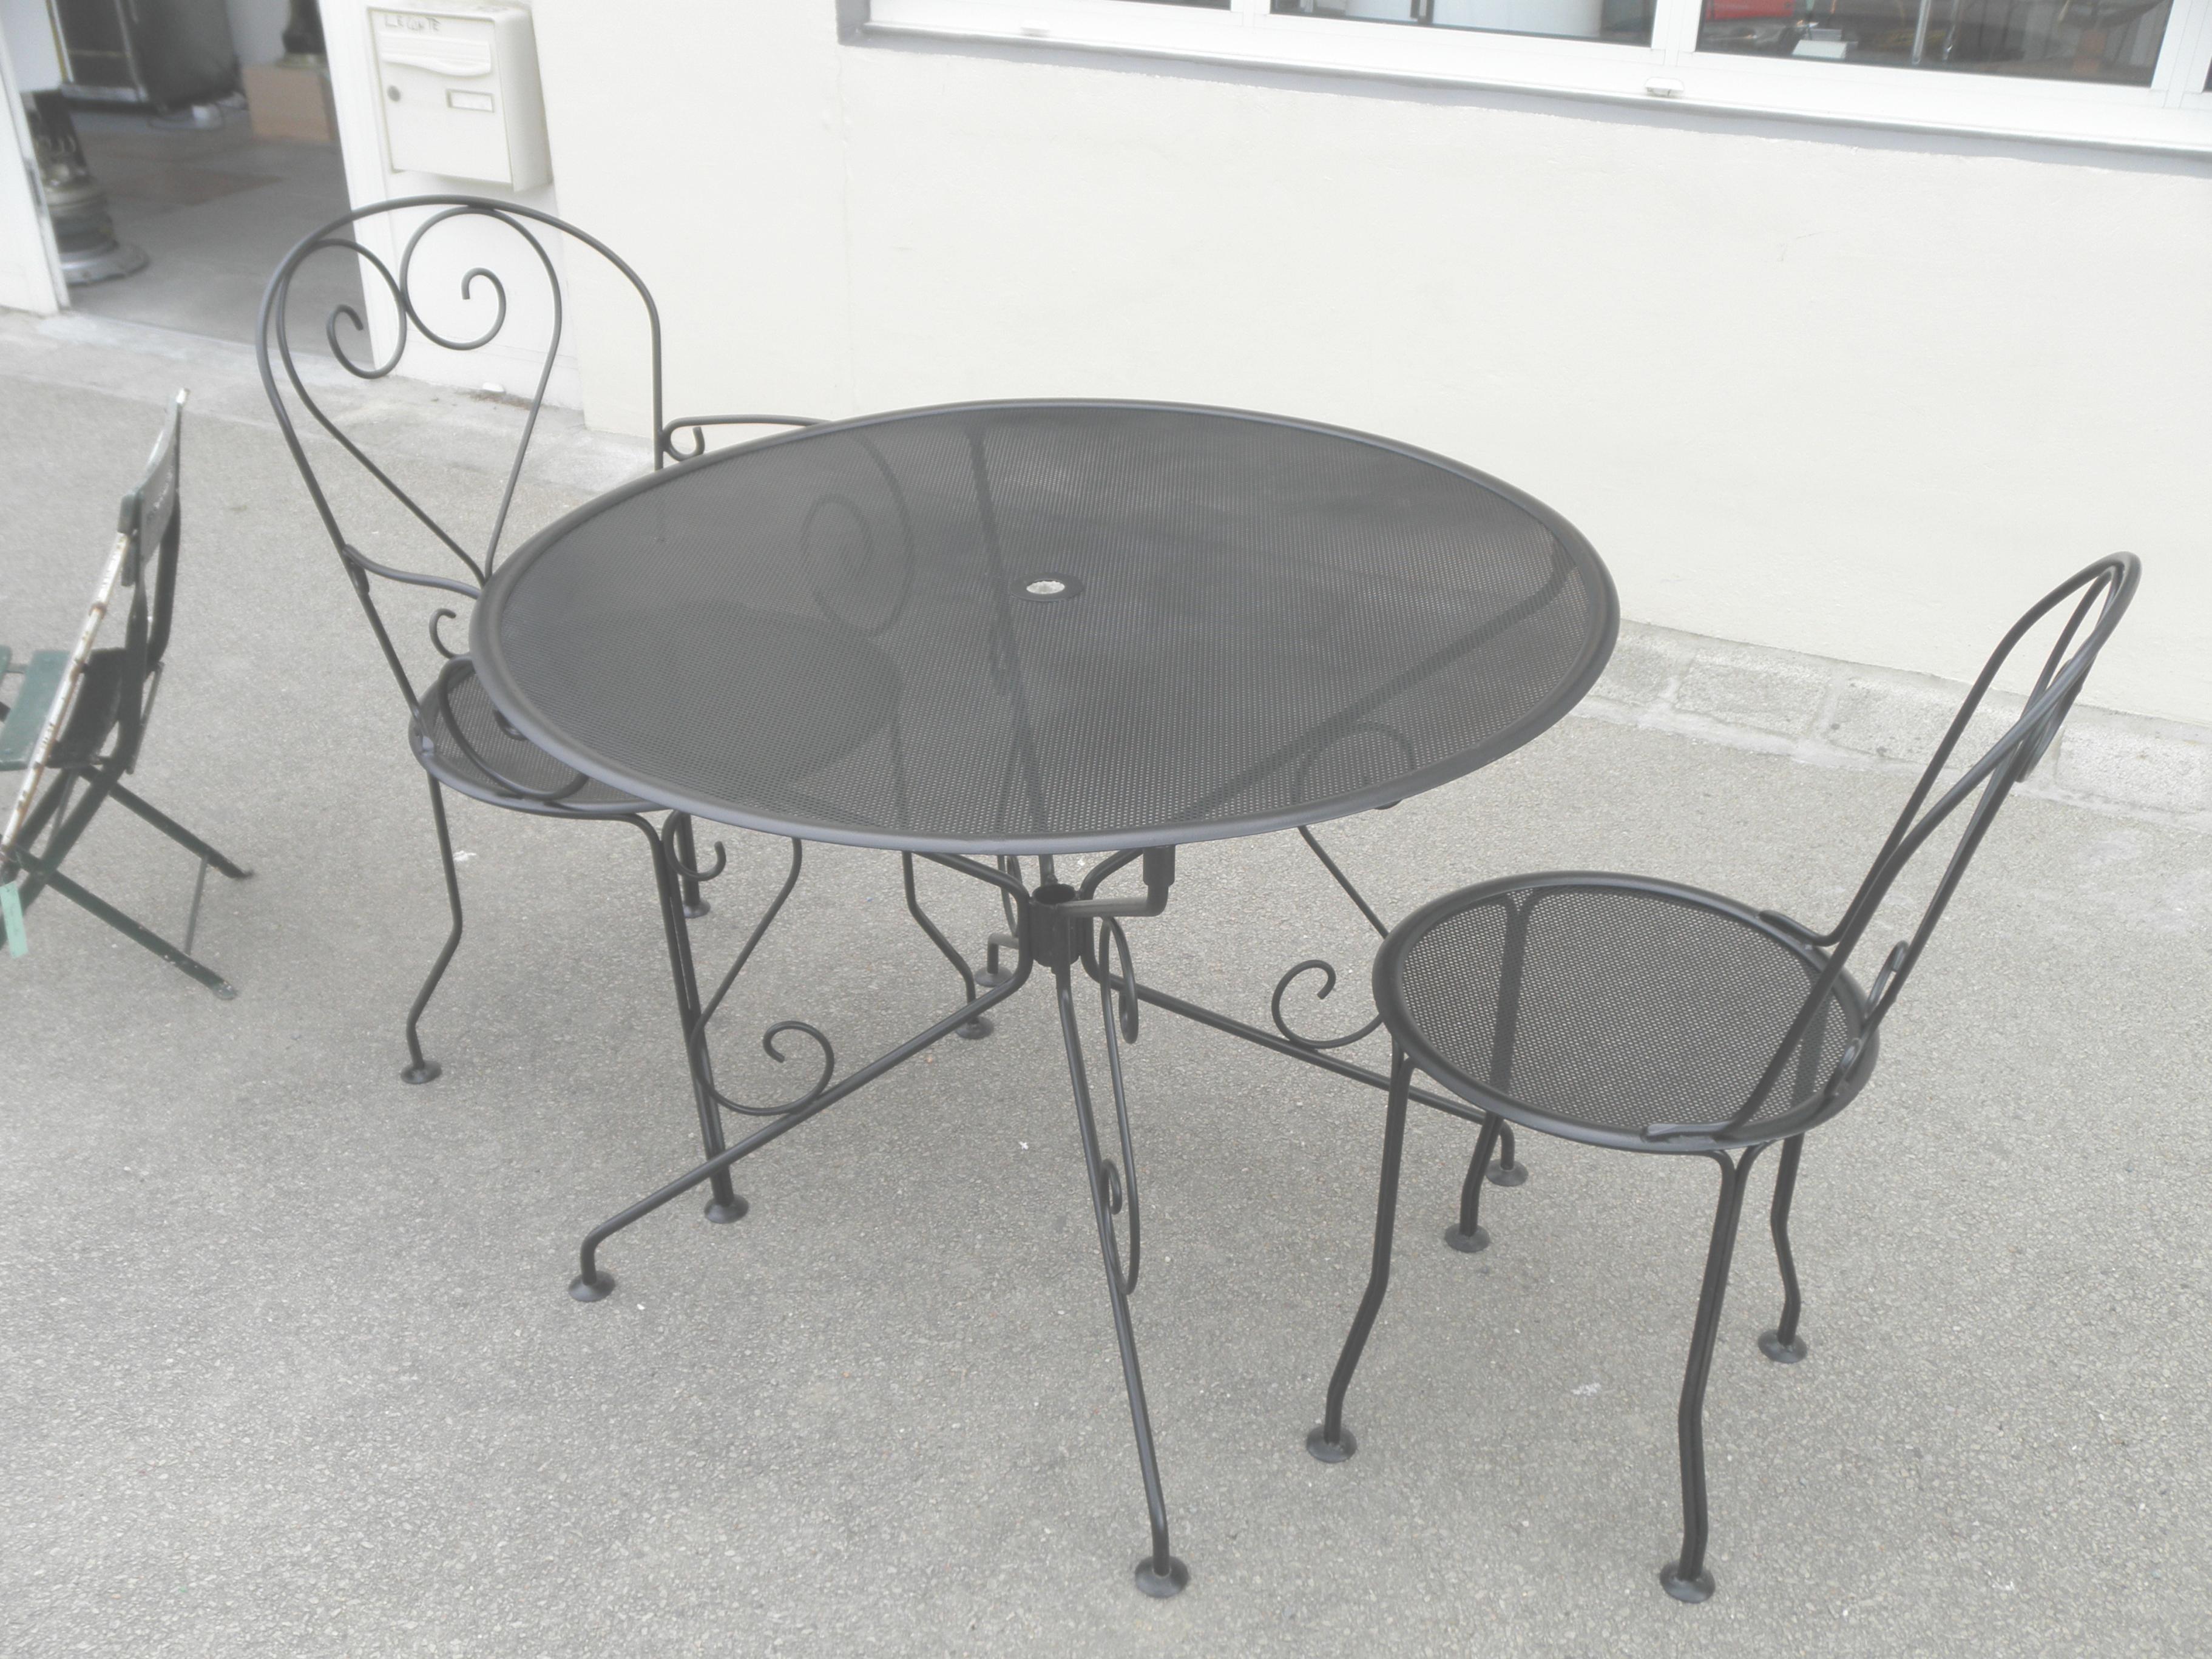 Salon de jardin romantique gris - Mailleraye.fr jardin